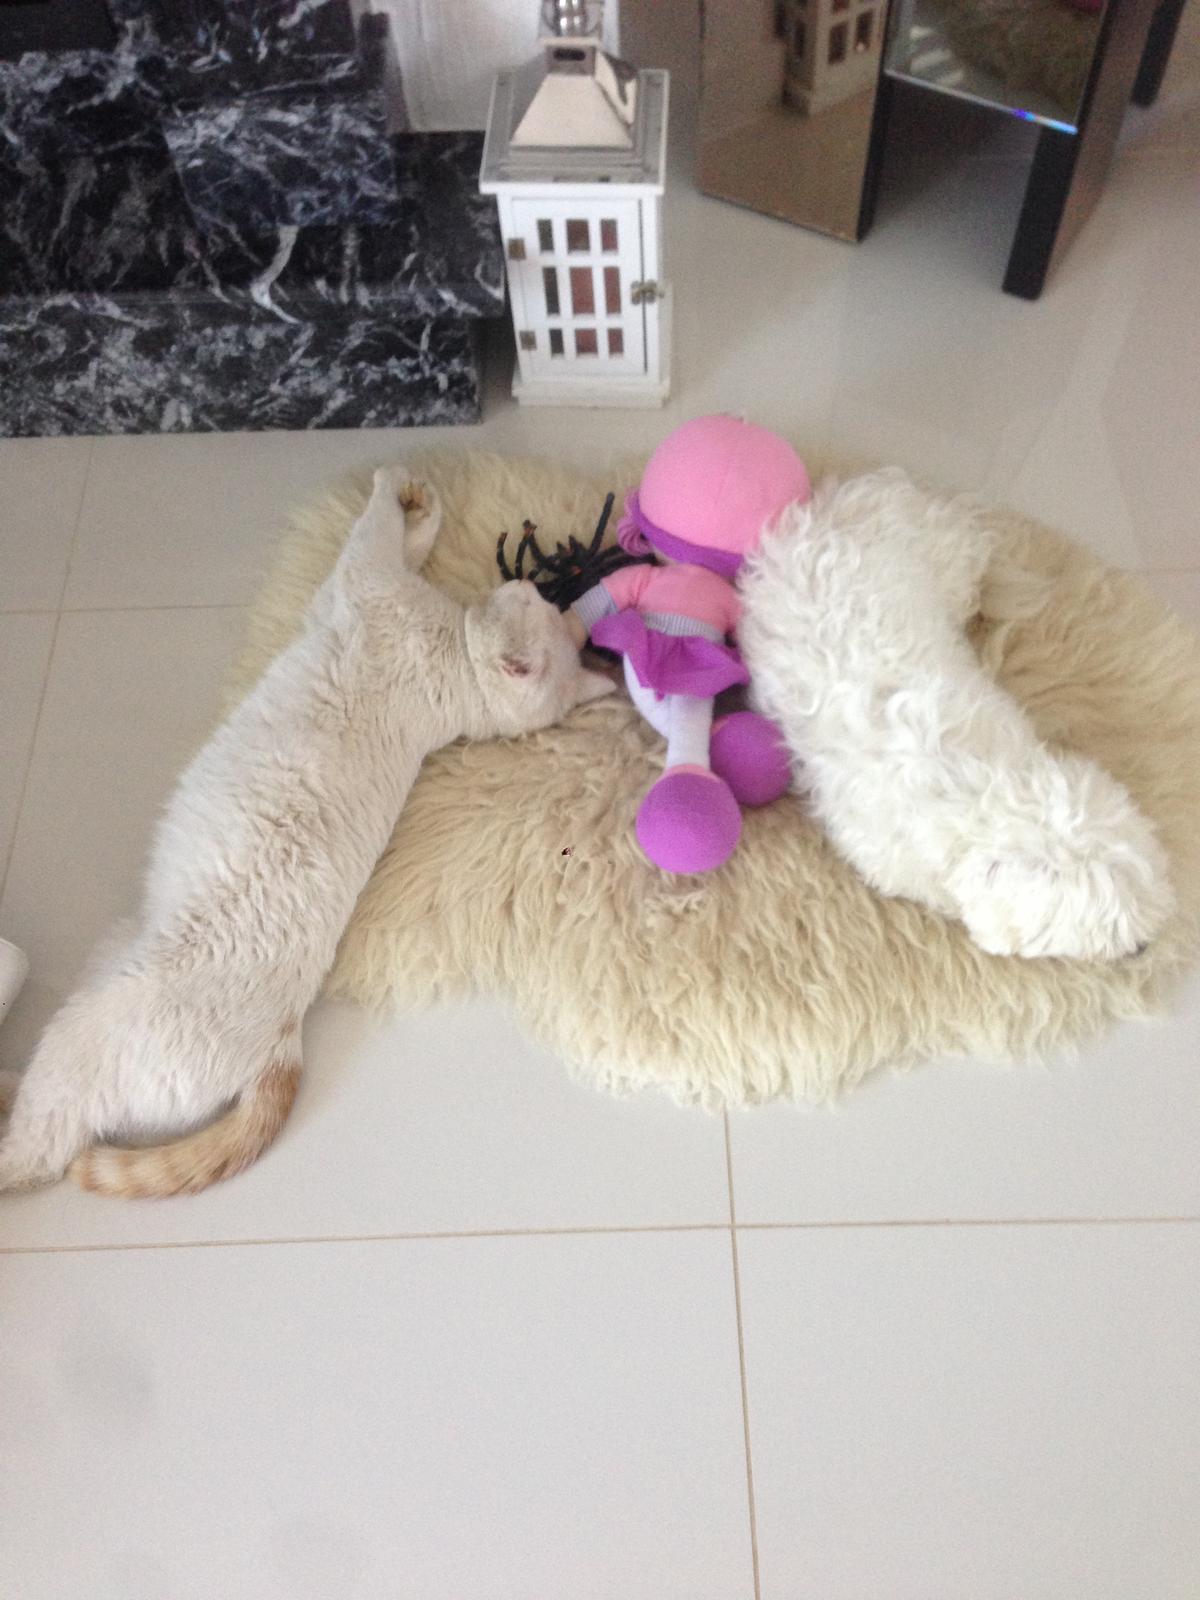 Nas zverinec - dve fenky,jeden pes a dvaja kocurikovia - dcerka im tam prilozila babiku aby im nebolo smutno :-)